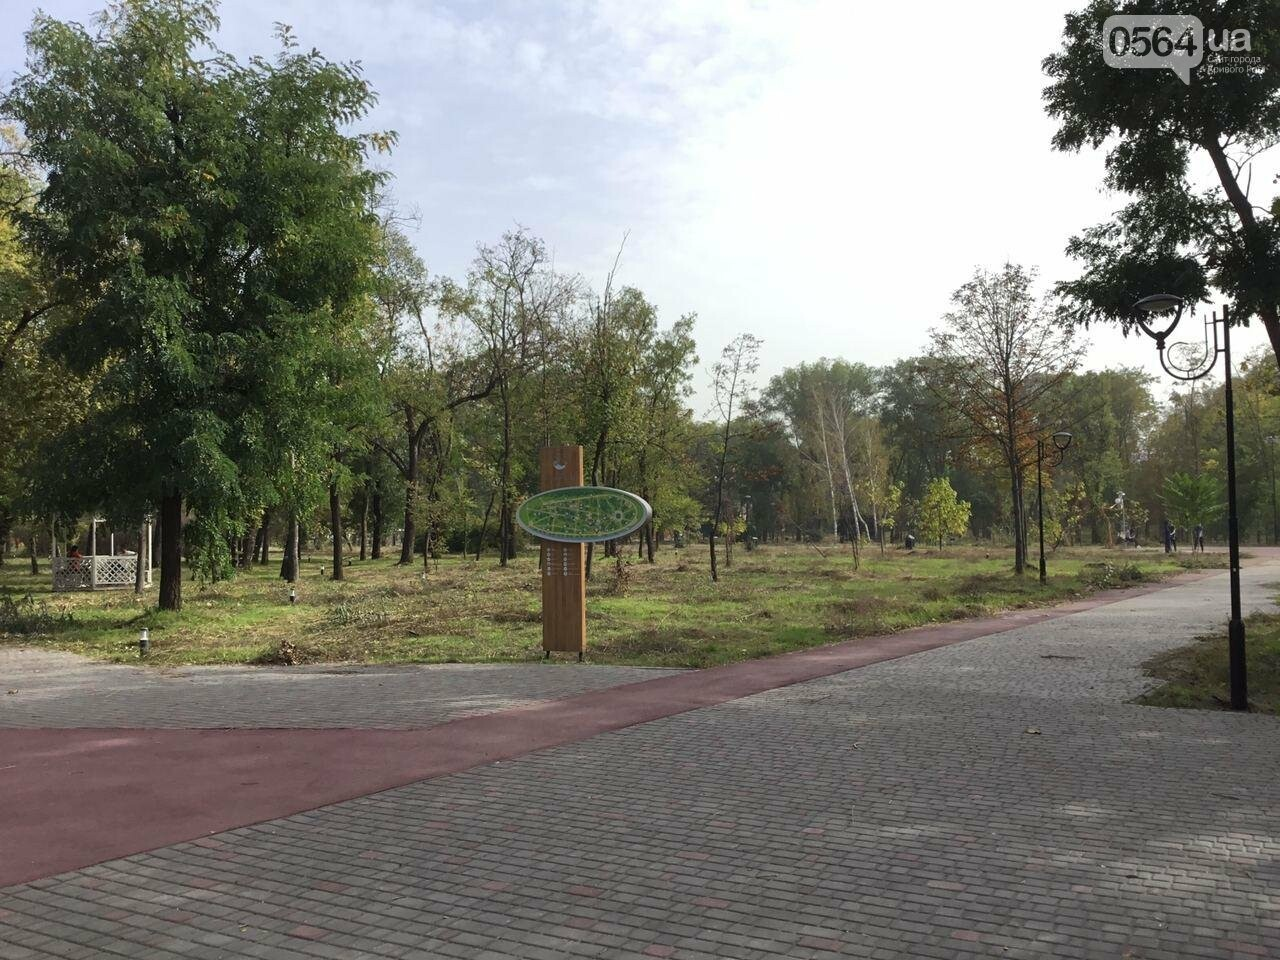 В Гданцевском парке наводят порядок. Как выглядит парк после покоса амброзии, - ФОТО, ВИДЕО, фото-19